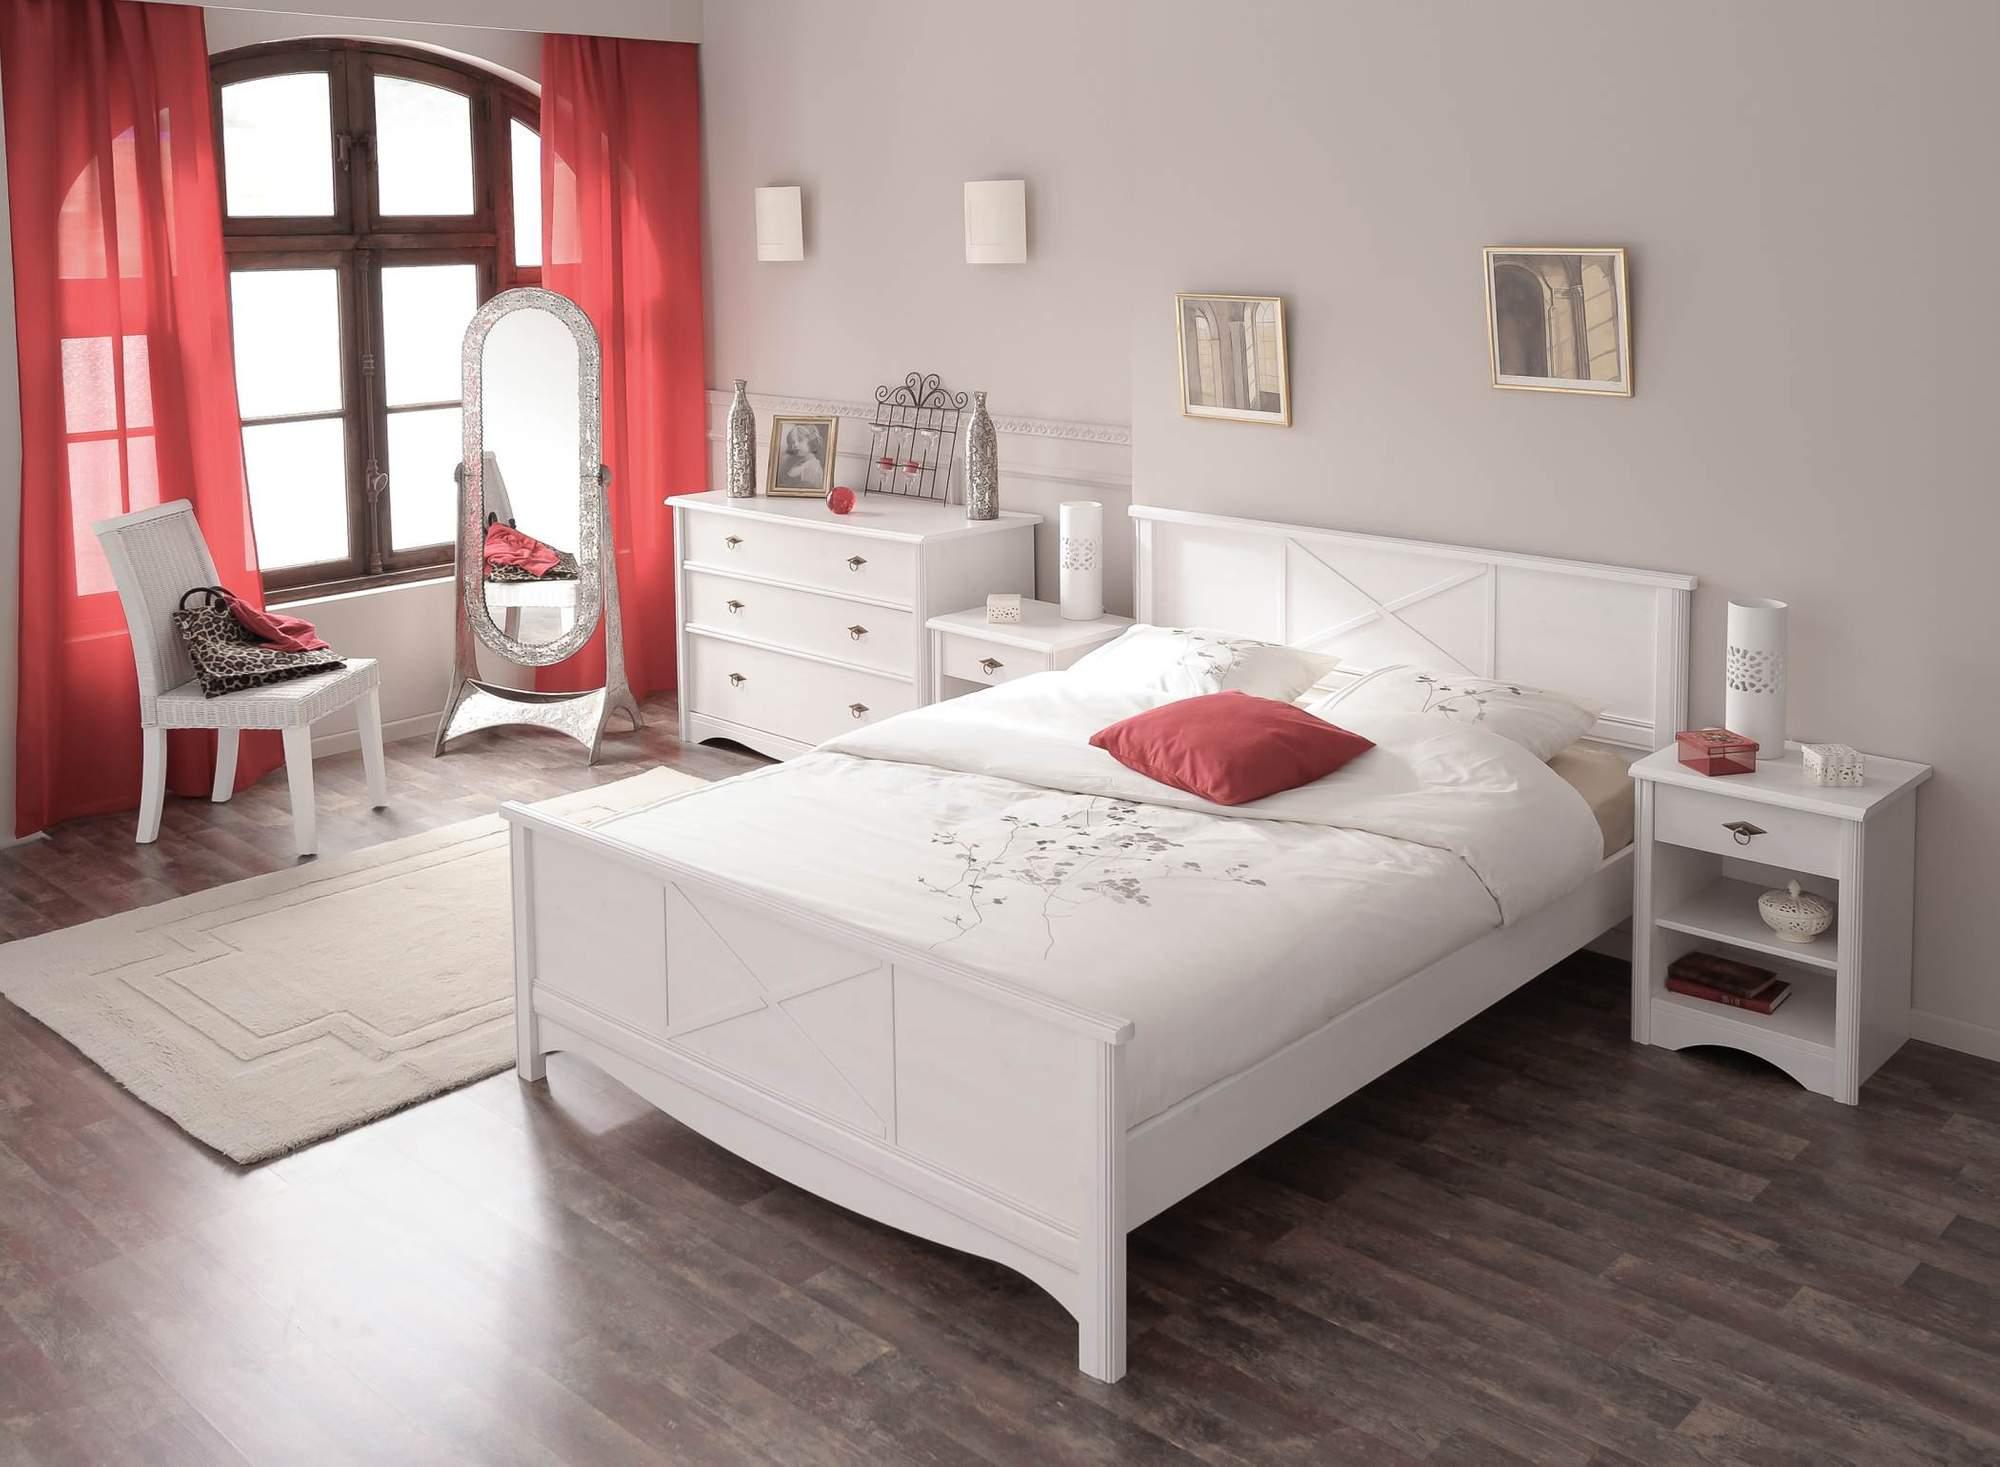 Schlafzimmer Set MARION 5 Im Landhausstil 4 Tlg. Weiß Bett 140 X 200